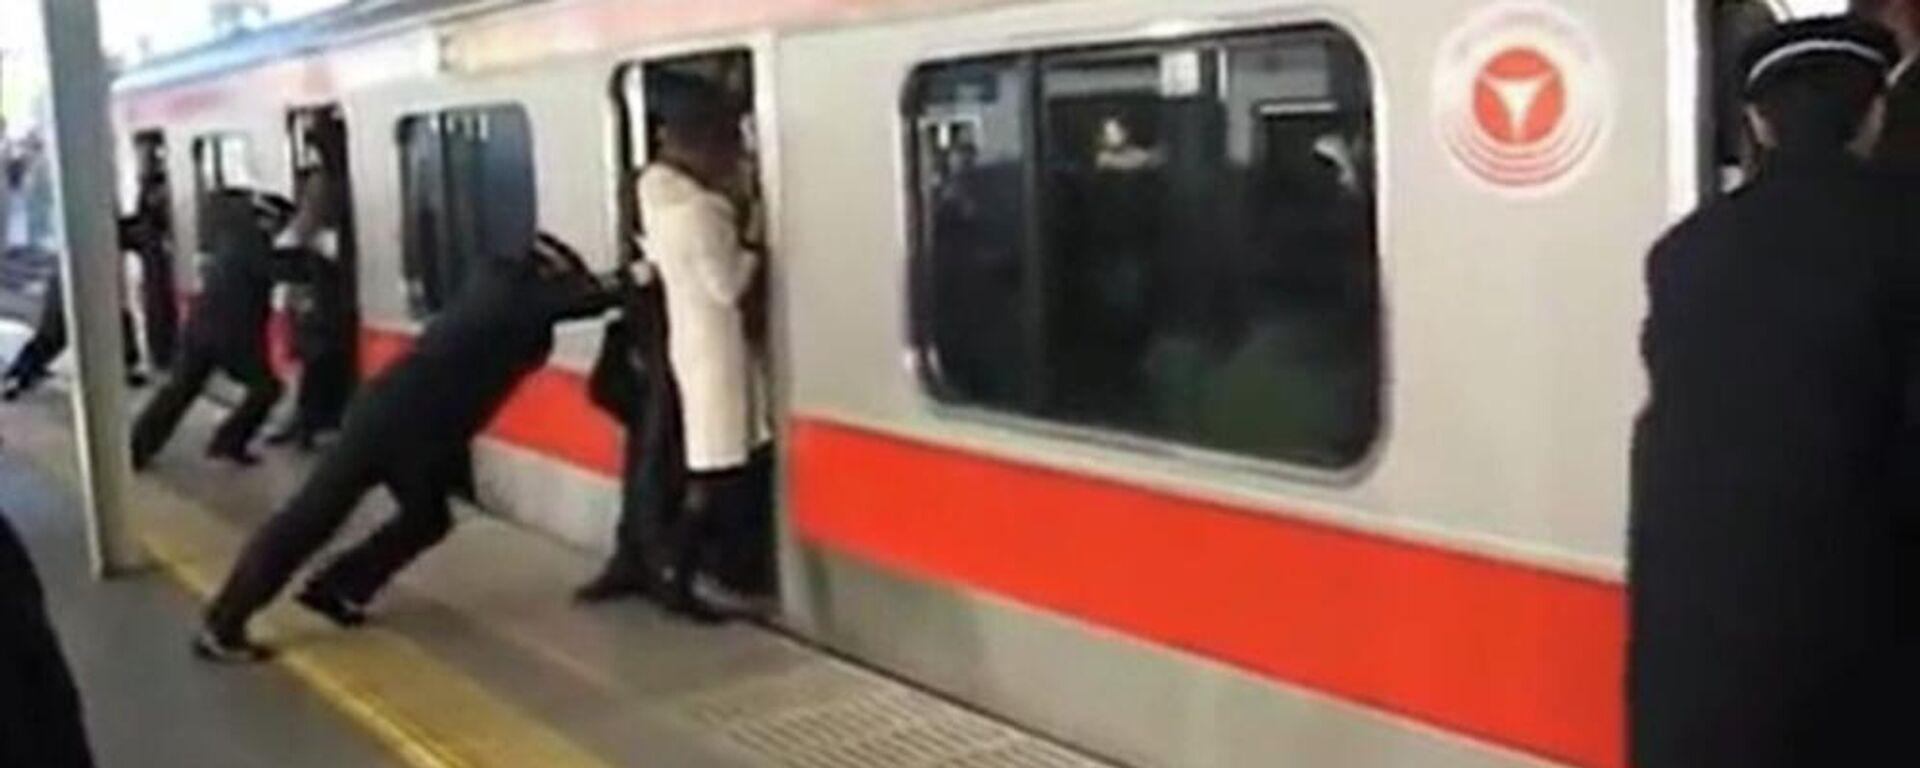 Οι επαγγελματίες σπρώχτες στο μετρό του Τόκιο - Sputnik Ελλάδα, 1920, 08.09.2021